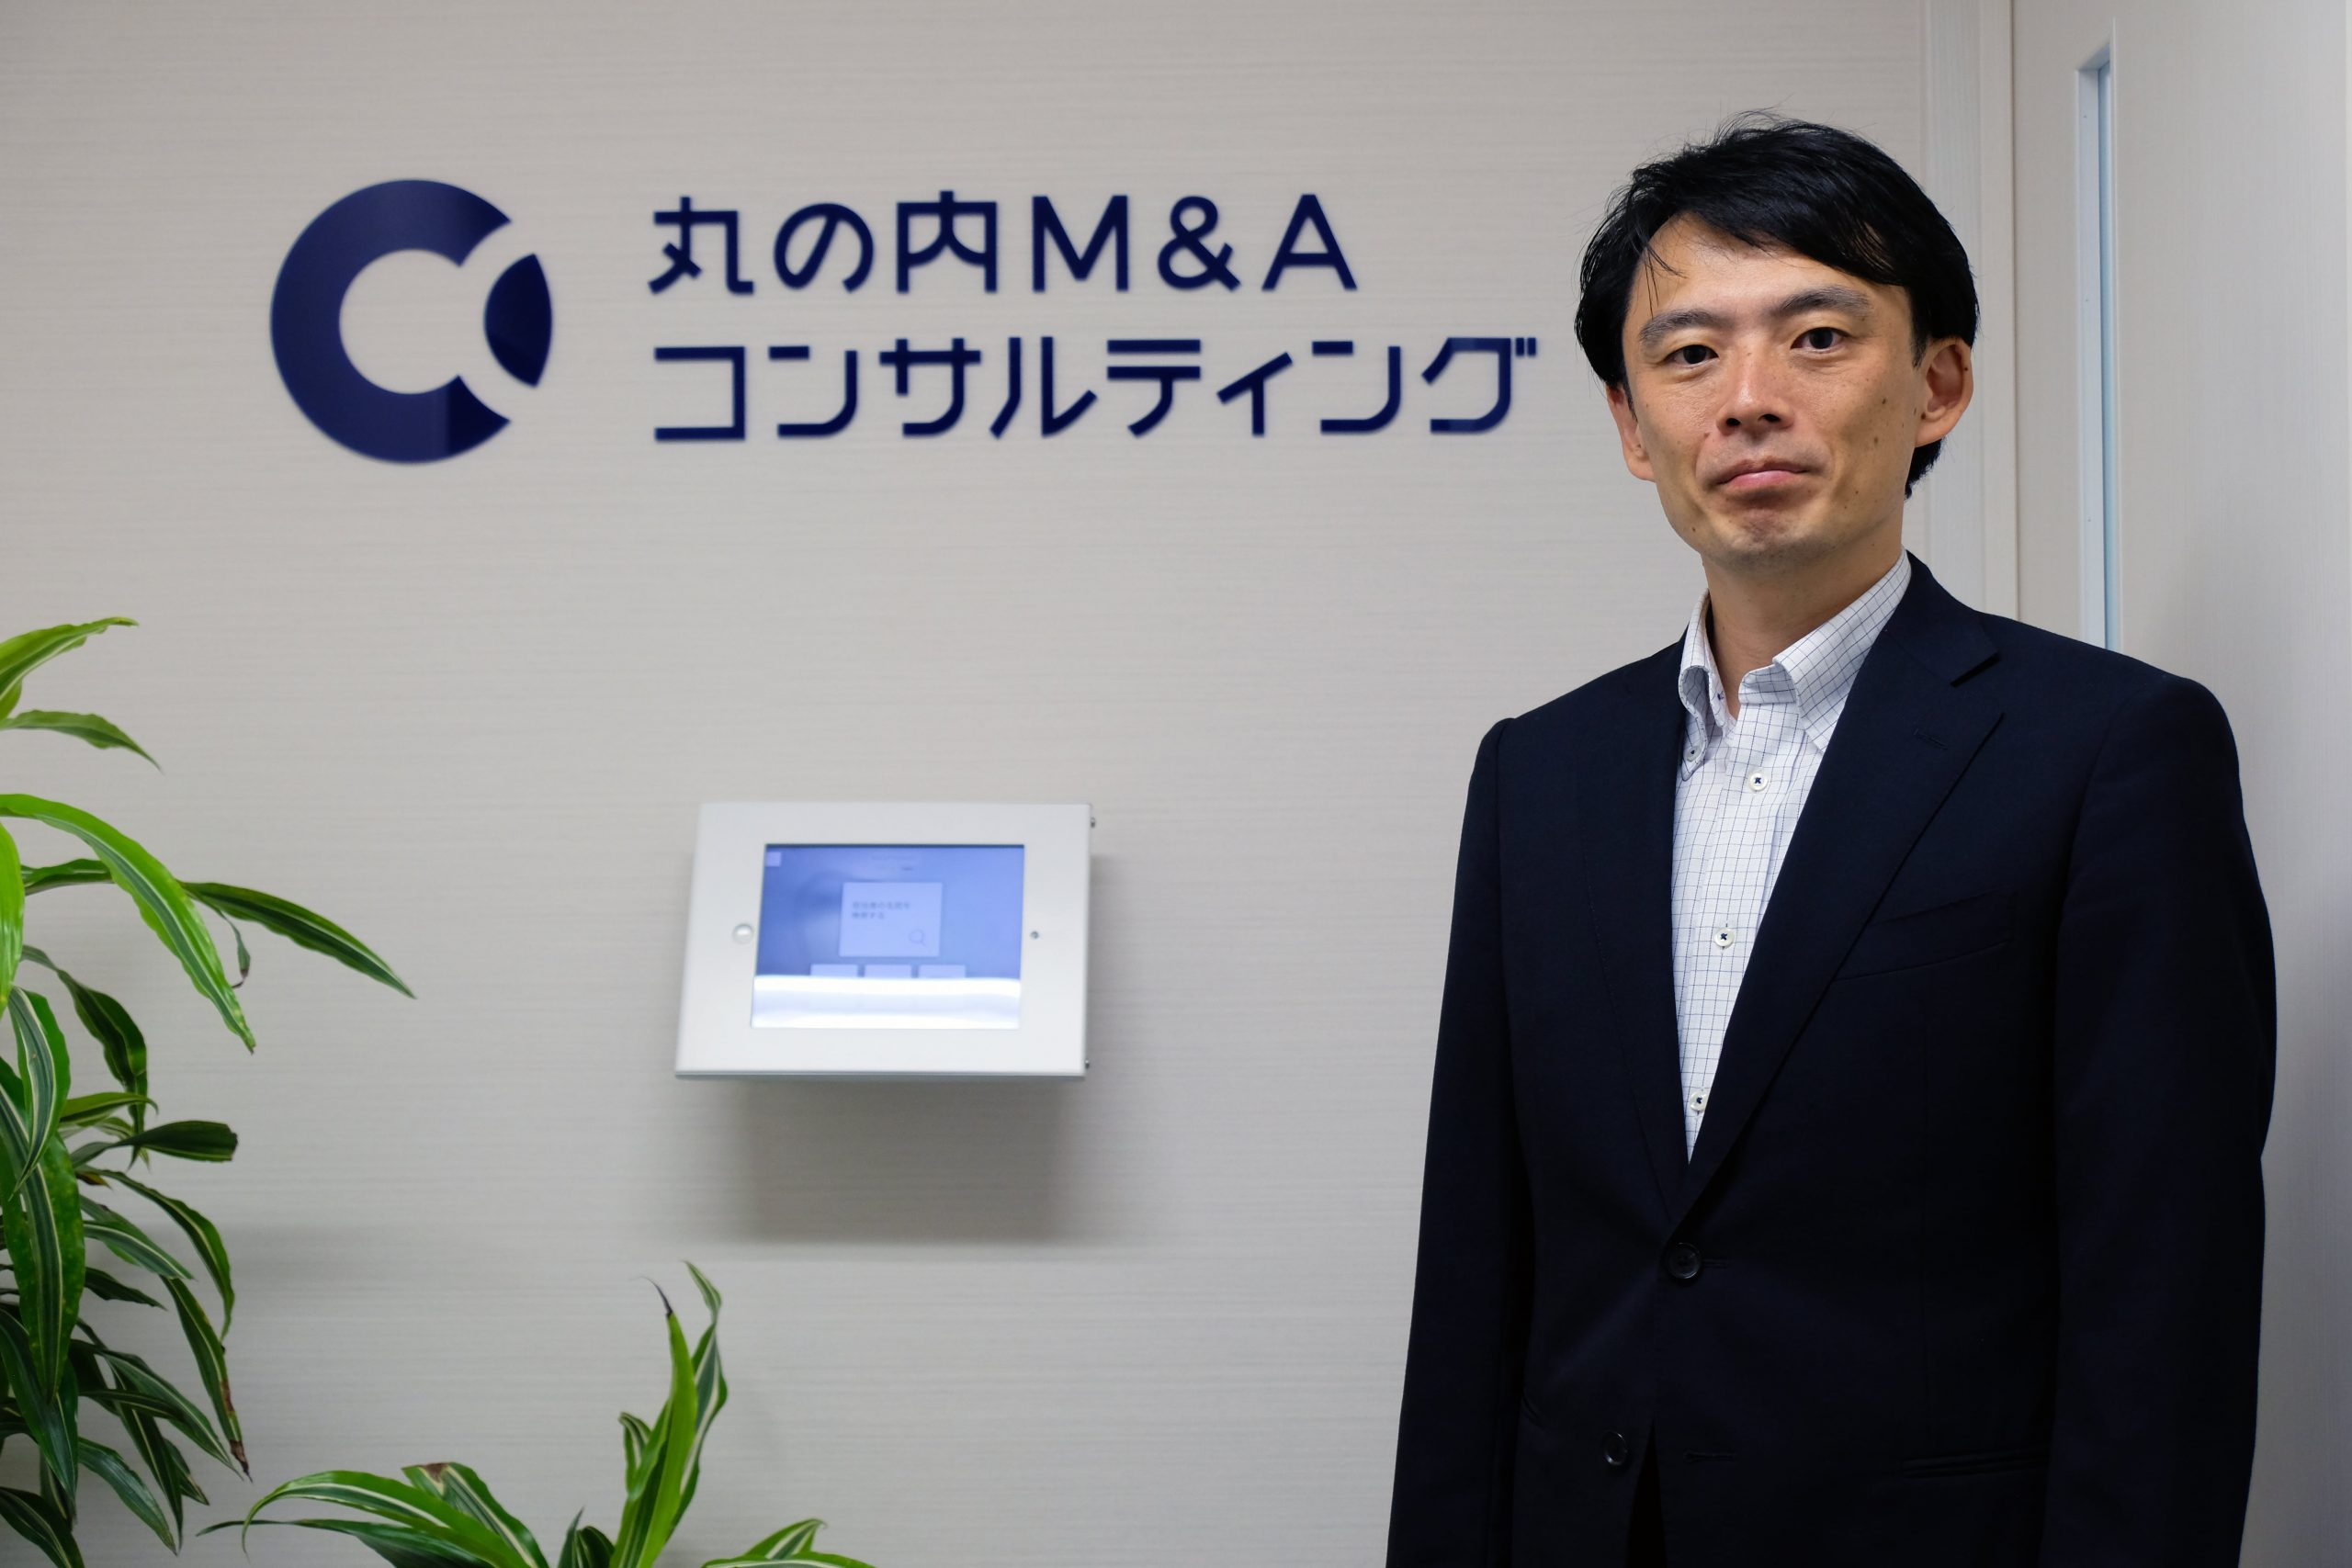 伊藤 智司さんの写真